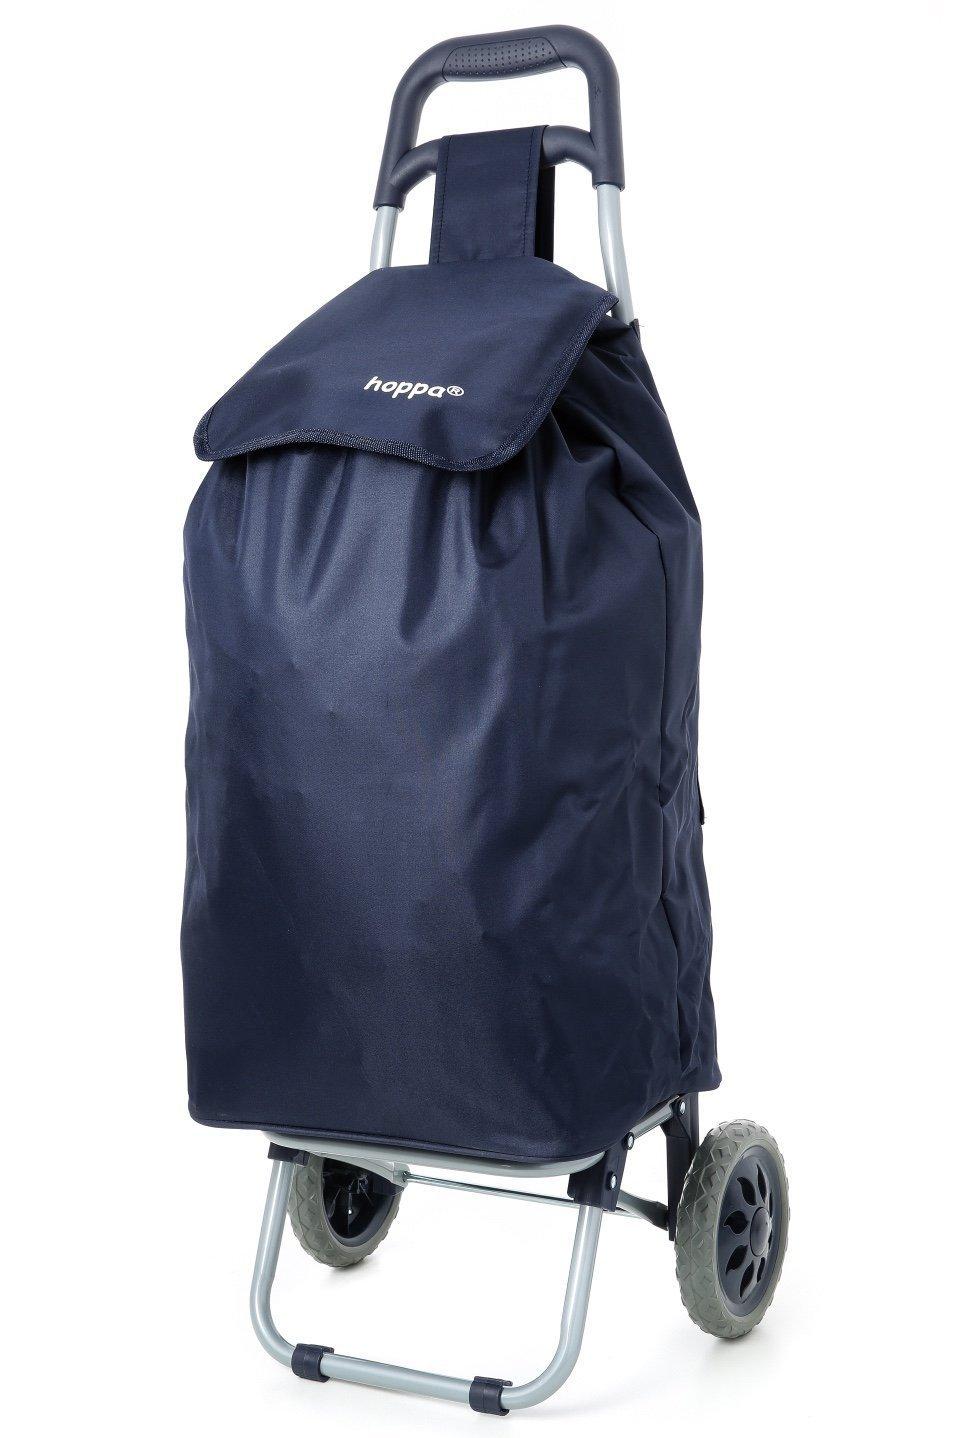 Hoppa litros bolso plegable ligero carrito de compras sobre ruedas Azul Marino